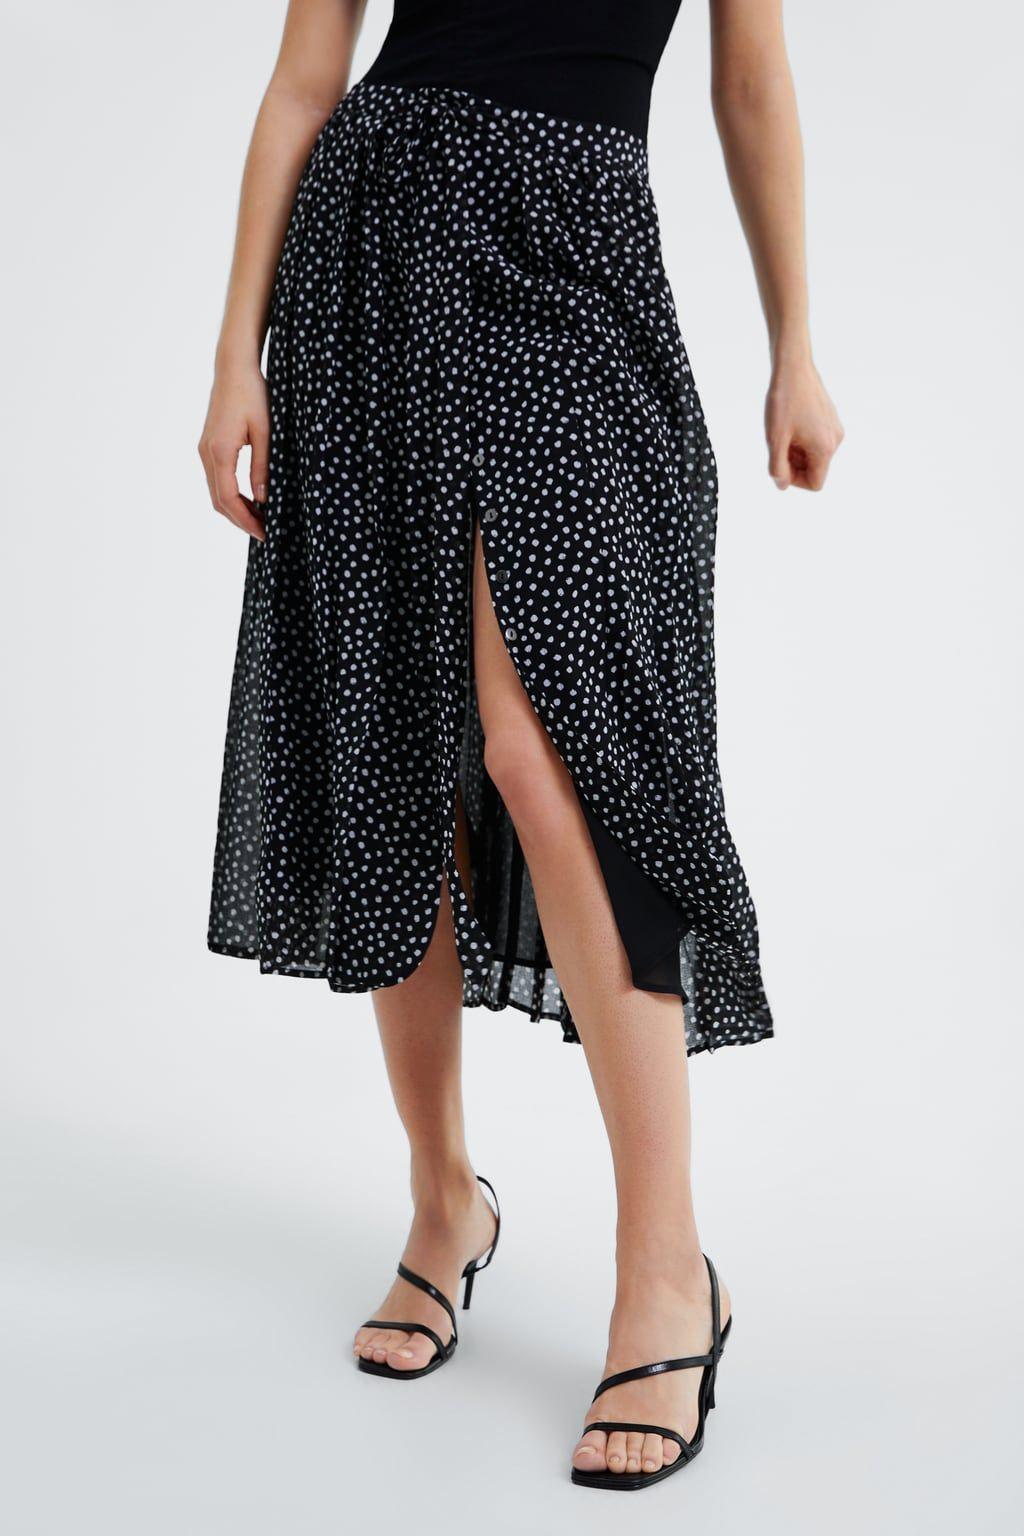 Jupe plissée à pois en 2020 | Jupe plissée, Jupe et Zara